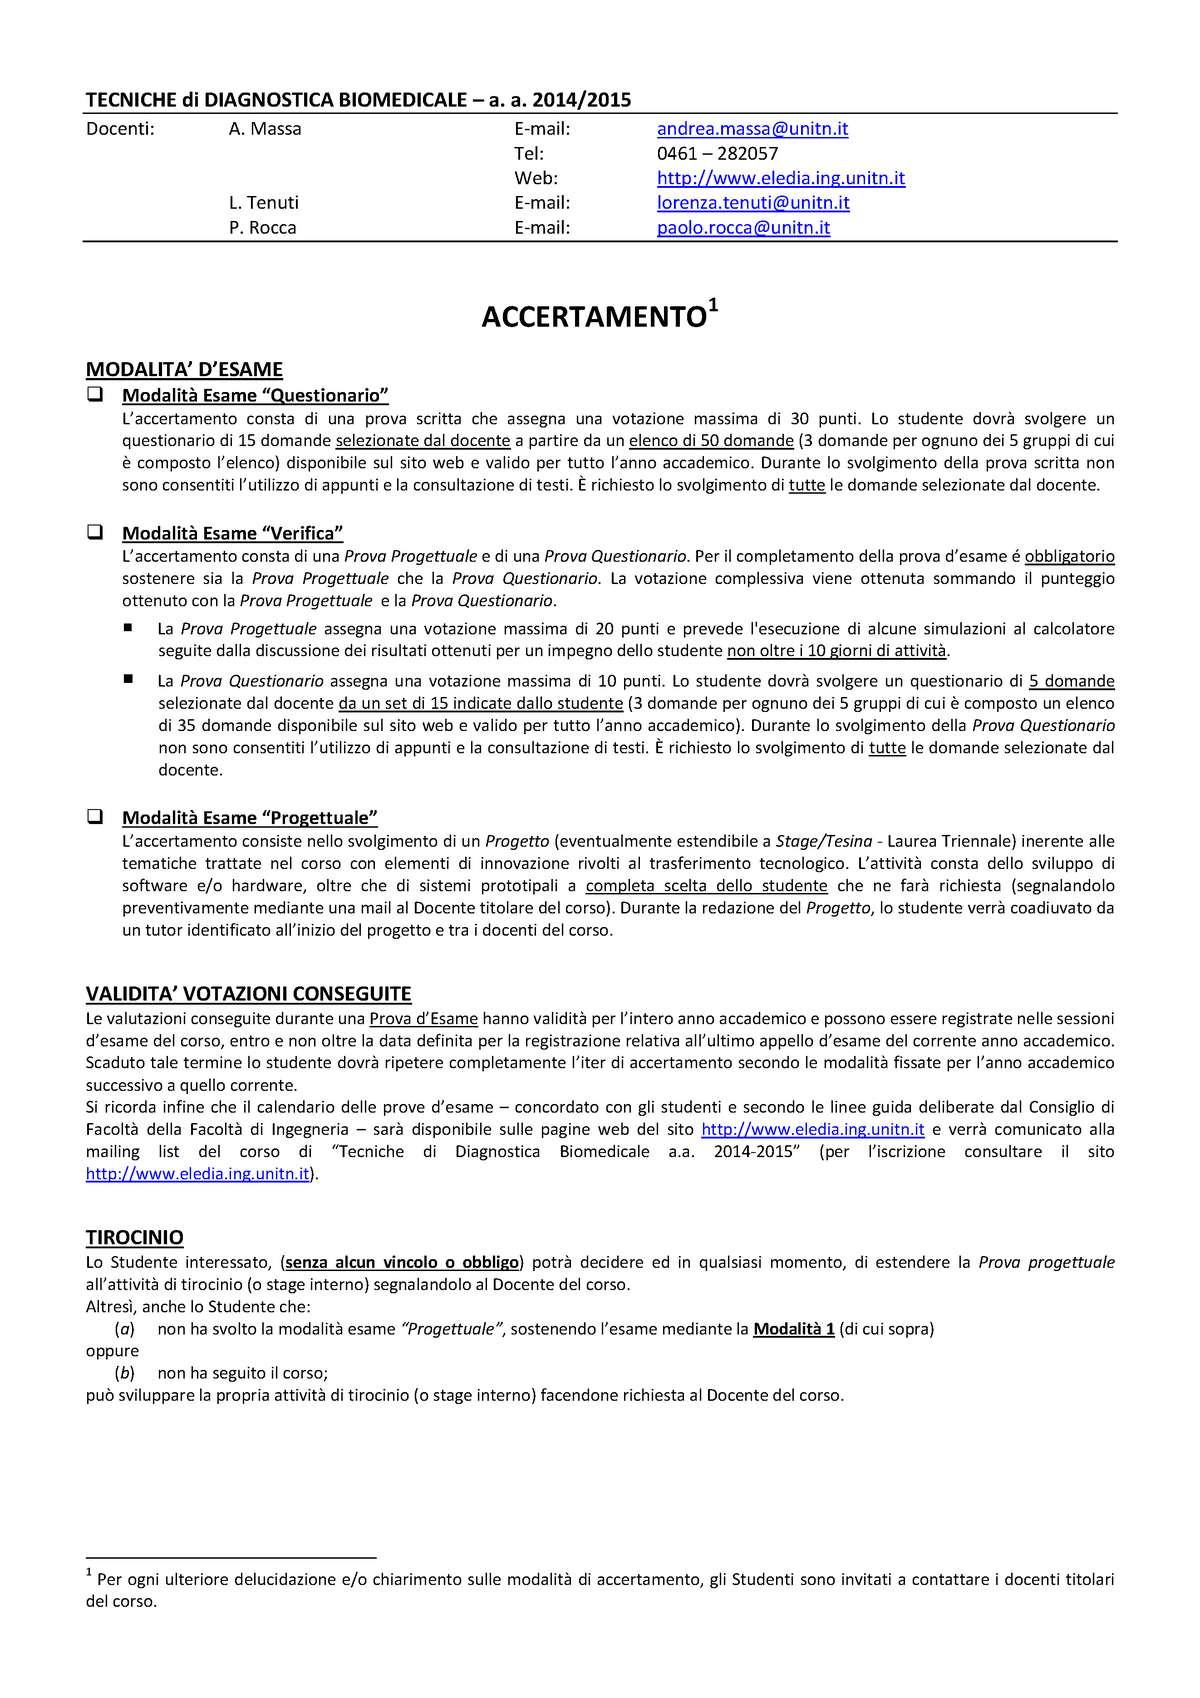 Unitn Calendario Accademico.Modalita Esame 140032 Tecniche Di Diagnostica Biomedicale